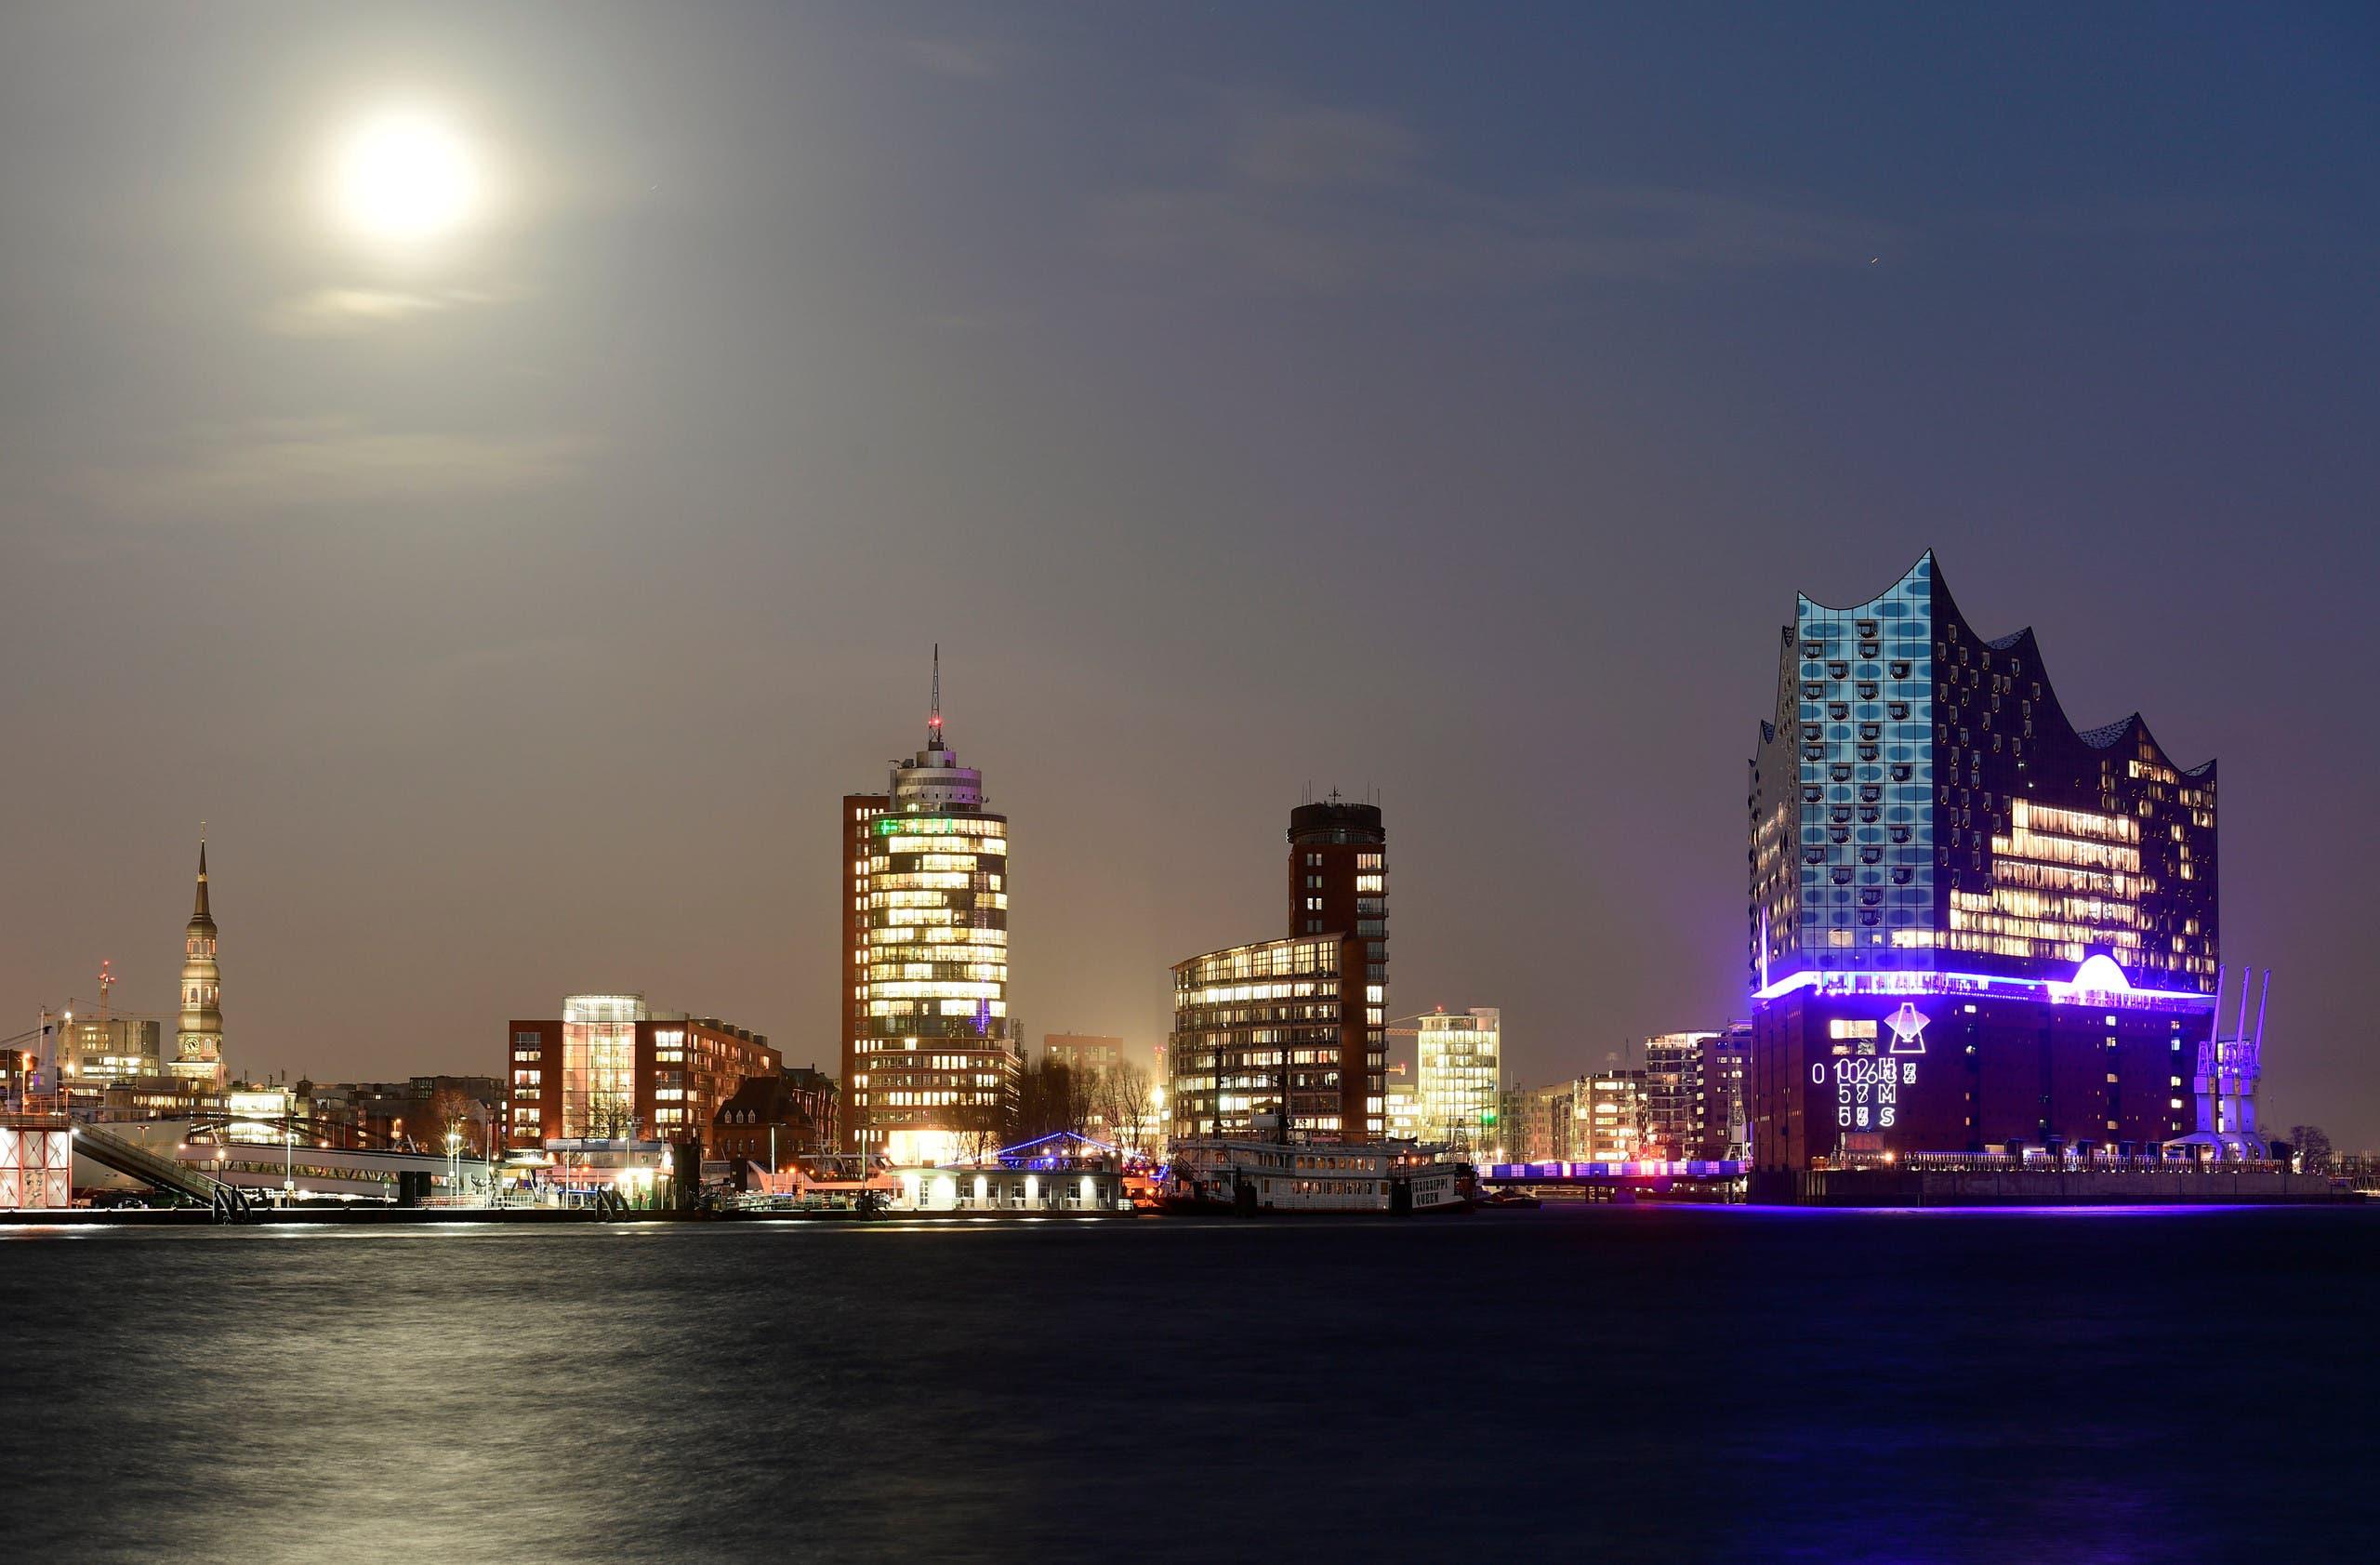 منظر عام لمدينة هامبورغ